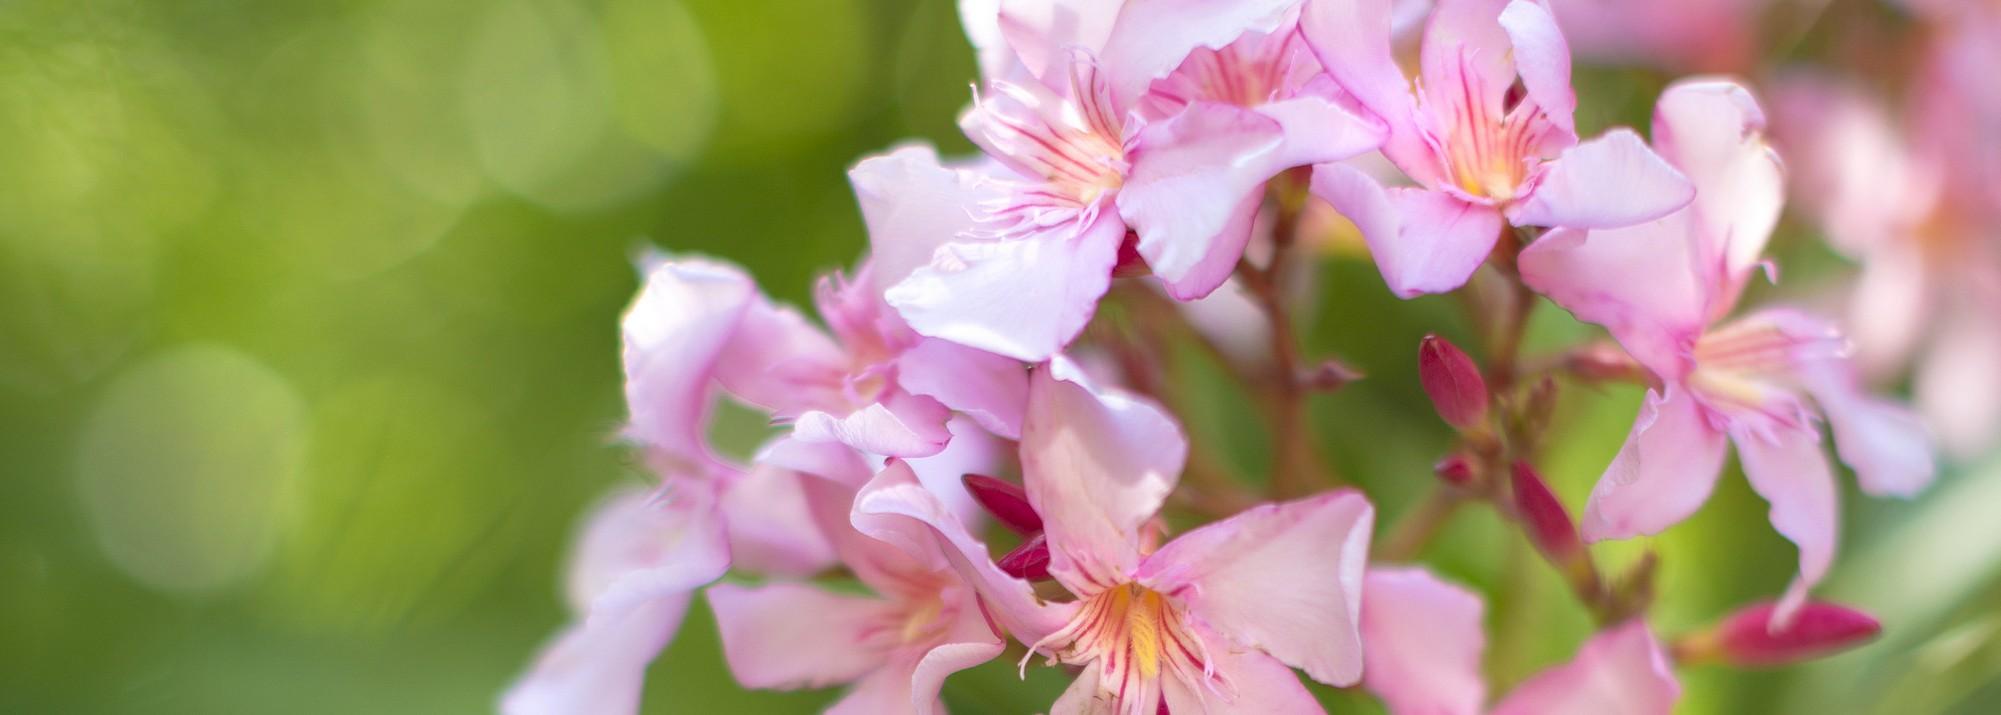 Plantes De Terrasse Arbustes jardin d'ornement : botanic®, arbustes pour haie et arbres d